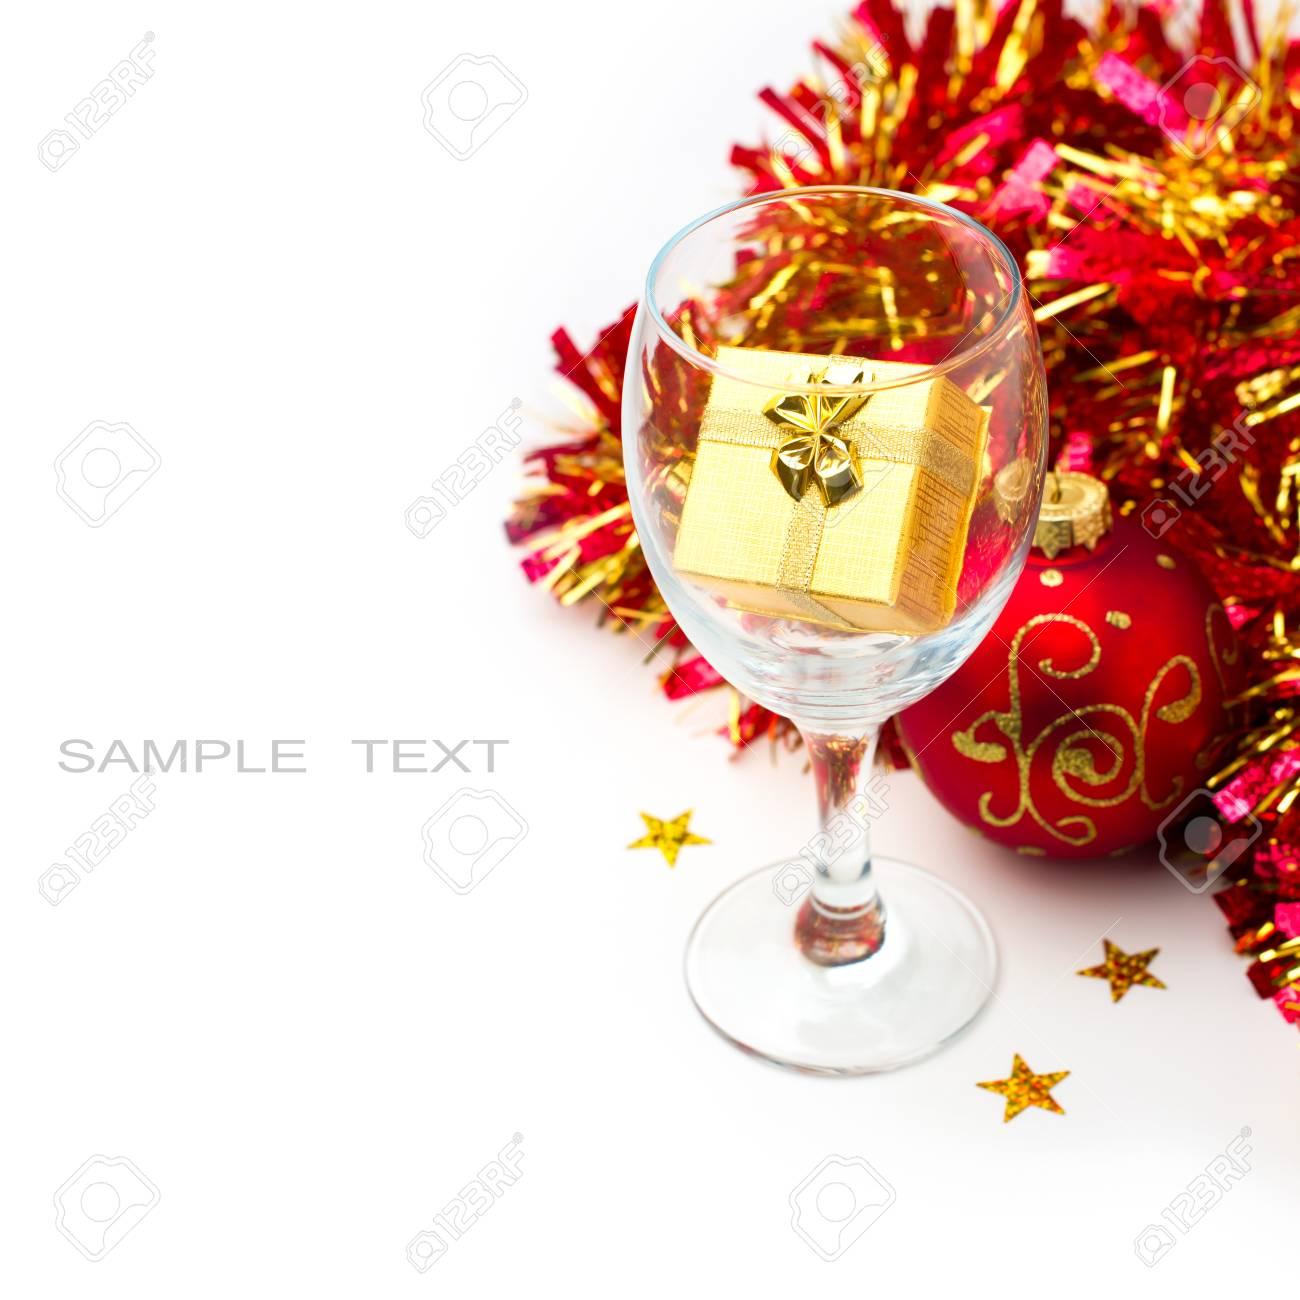 Weihnachtsferien Stilleben Mit Geschenk-Boxen Und Weinglas Auf ...